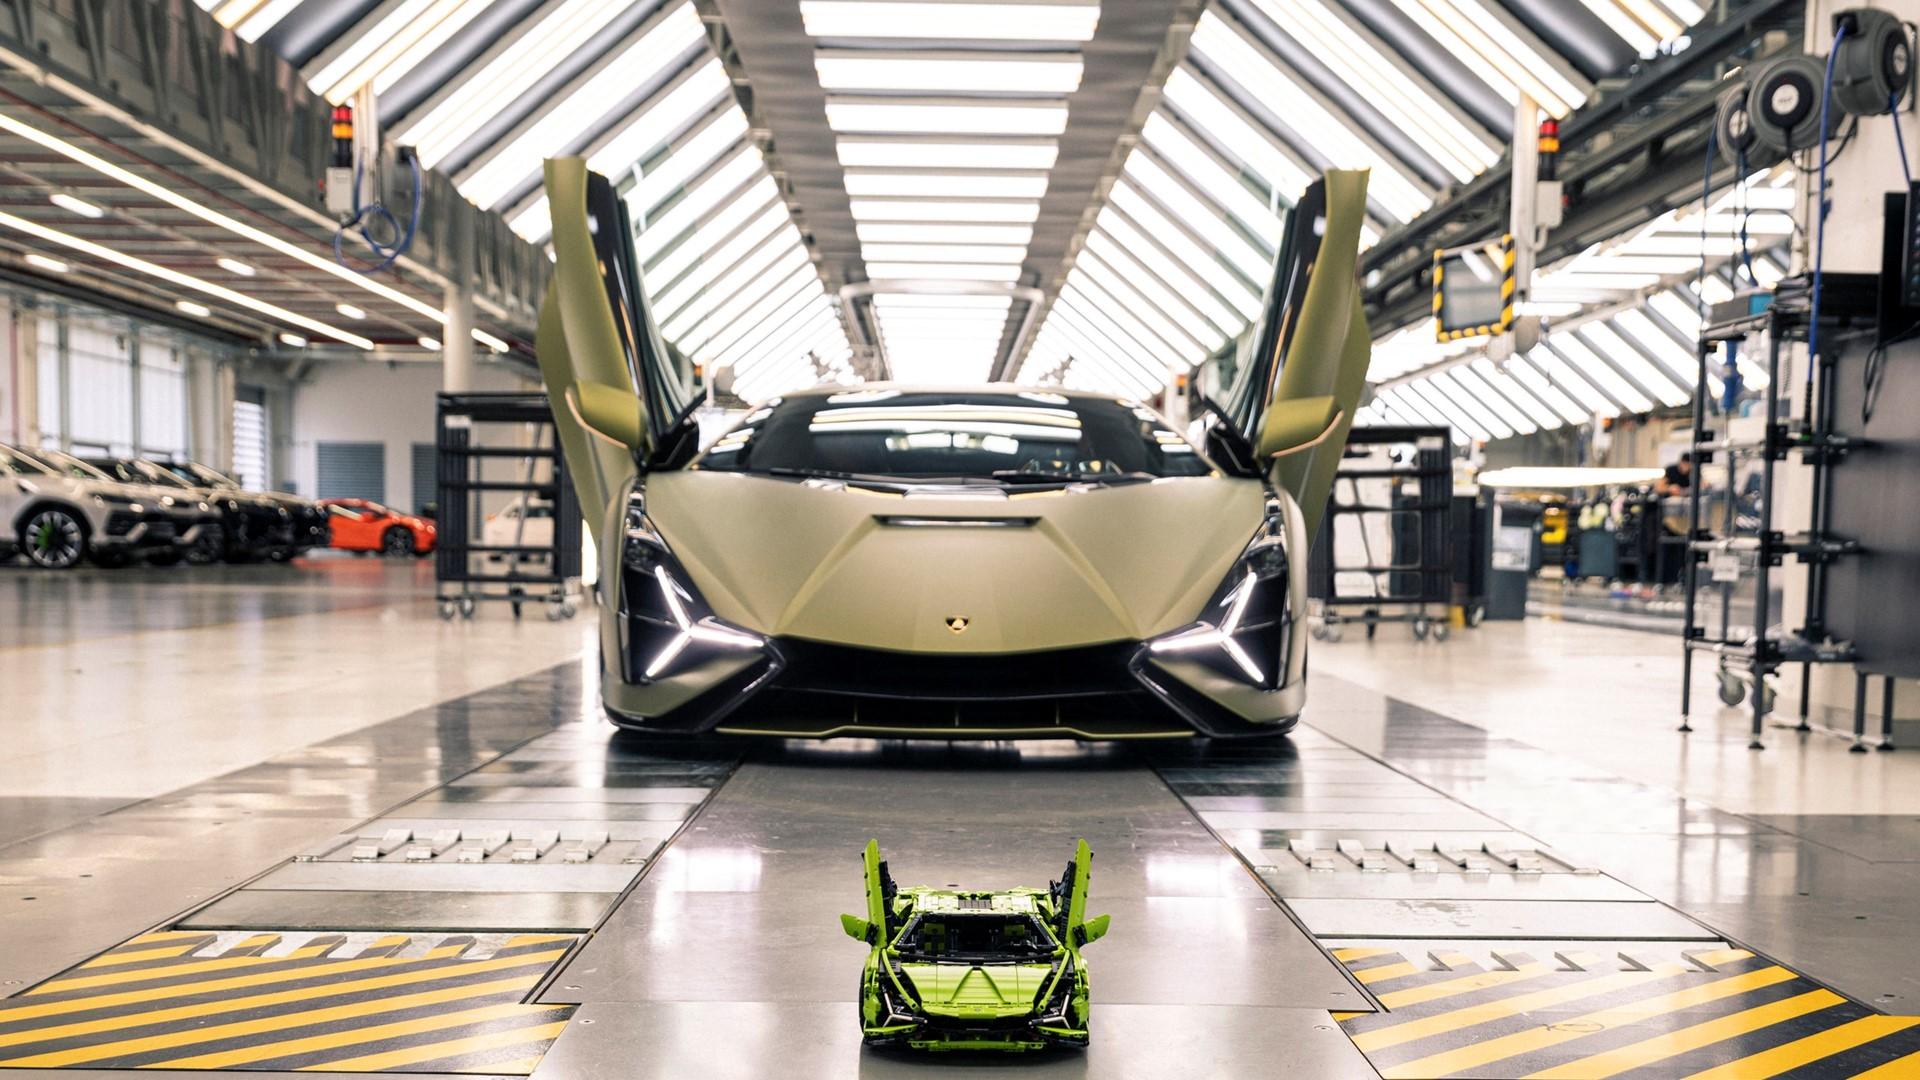 Automobili Lamborghini and the LEGO Group recreate the Lamborghini Sián FKP 37: the most powerful Lamborghini produced, in LEGO® Technic™ - Image 8